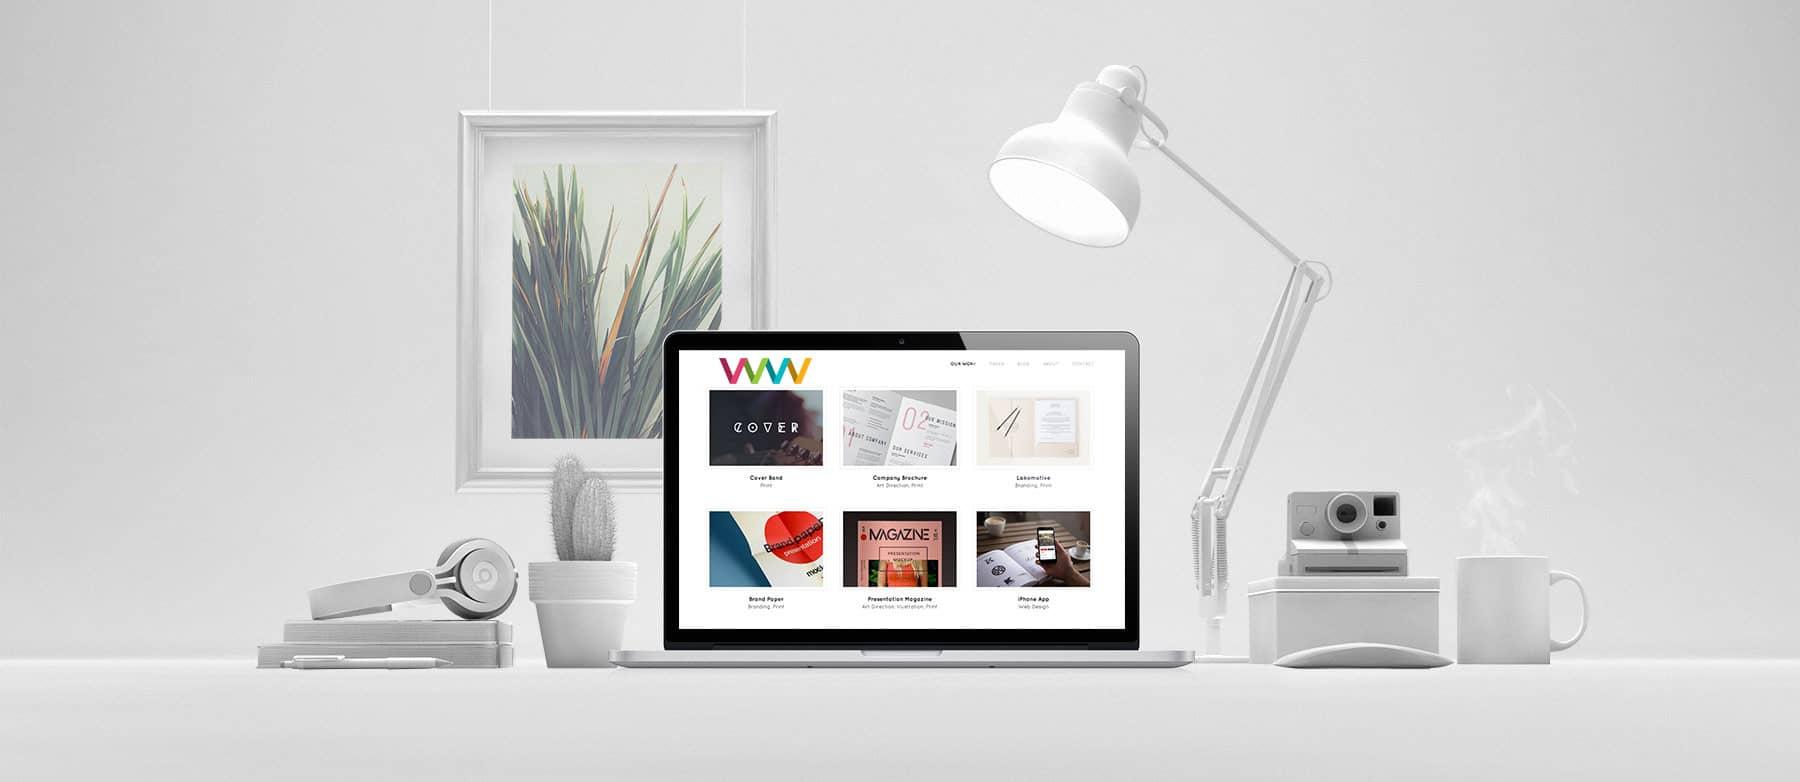 WEBWORKS Agency | Web Design Los Angeles